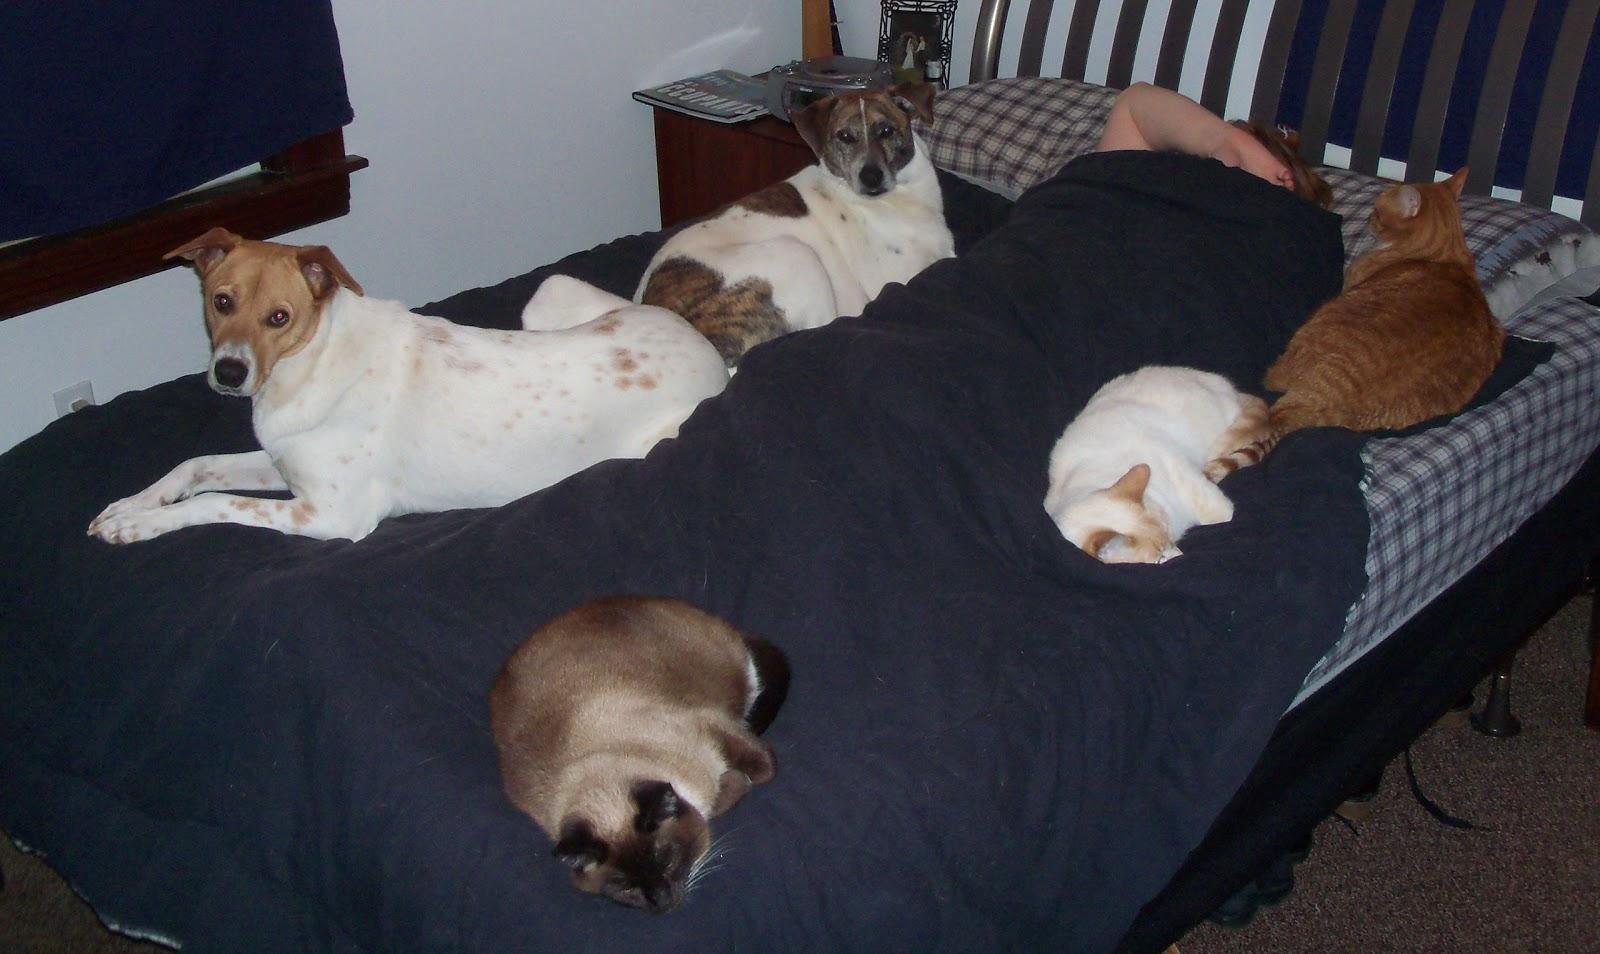 Dog hogging the bed - Good